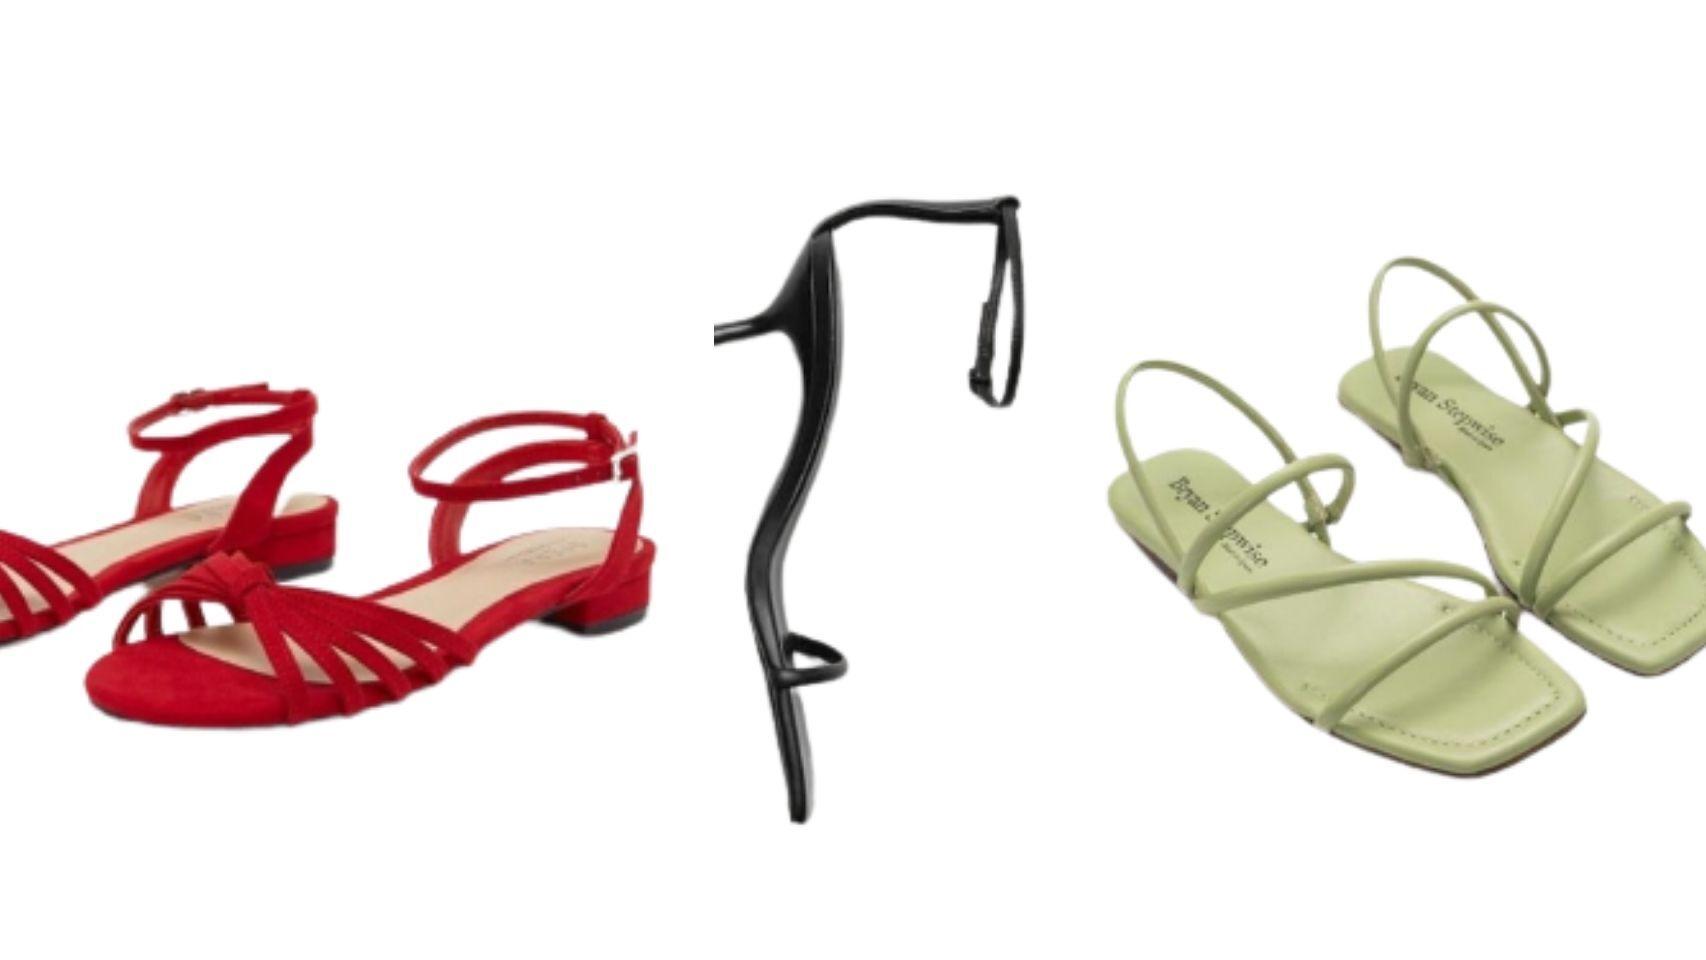 Sandalias con tacón bajo: el zapato que no te cansarás de combinar.